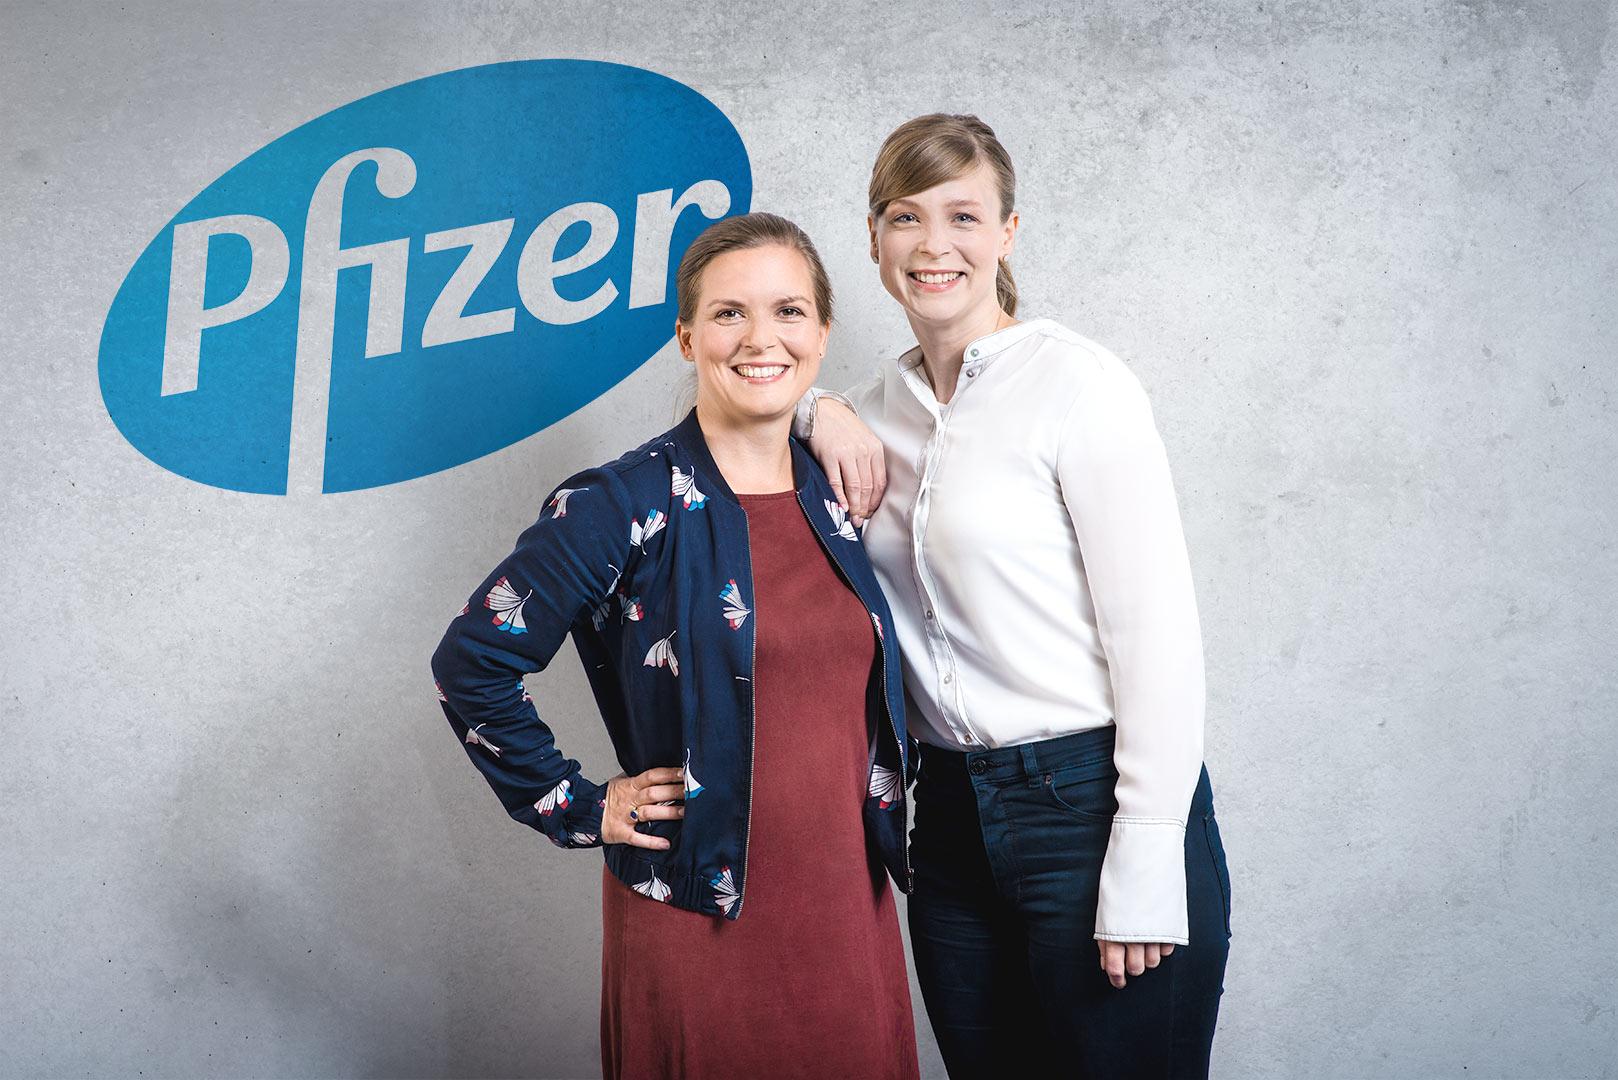 authentische Mitarbeiterportraits, zwei Mitarbeiterinnen eines Pharmaunternehmens, Lachen, entspannt